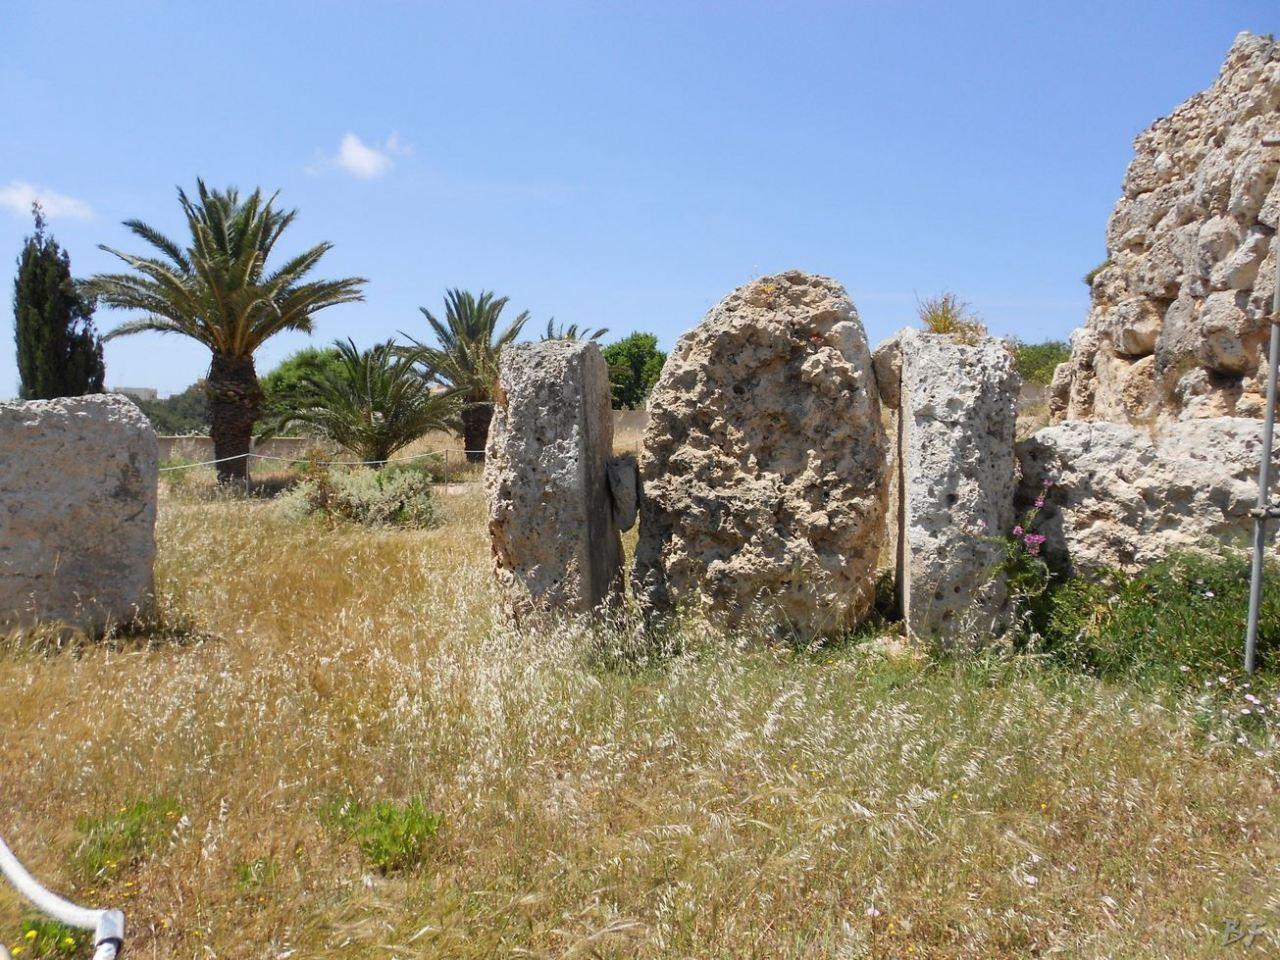 Ggantija-Tempio-Megalitico-Gozo-Malta-14